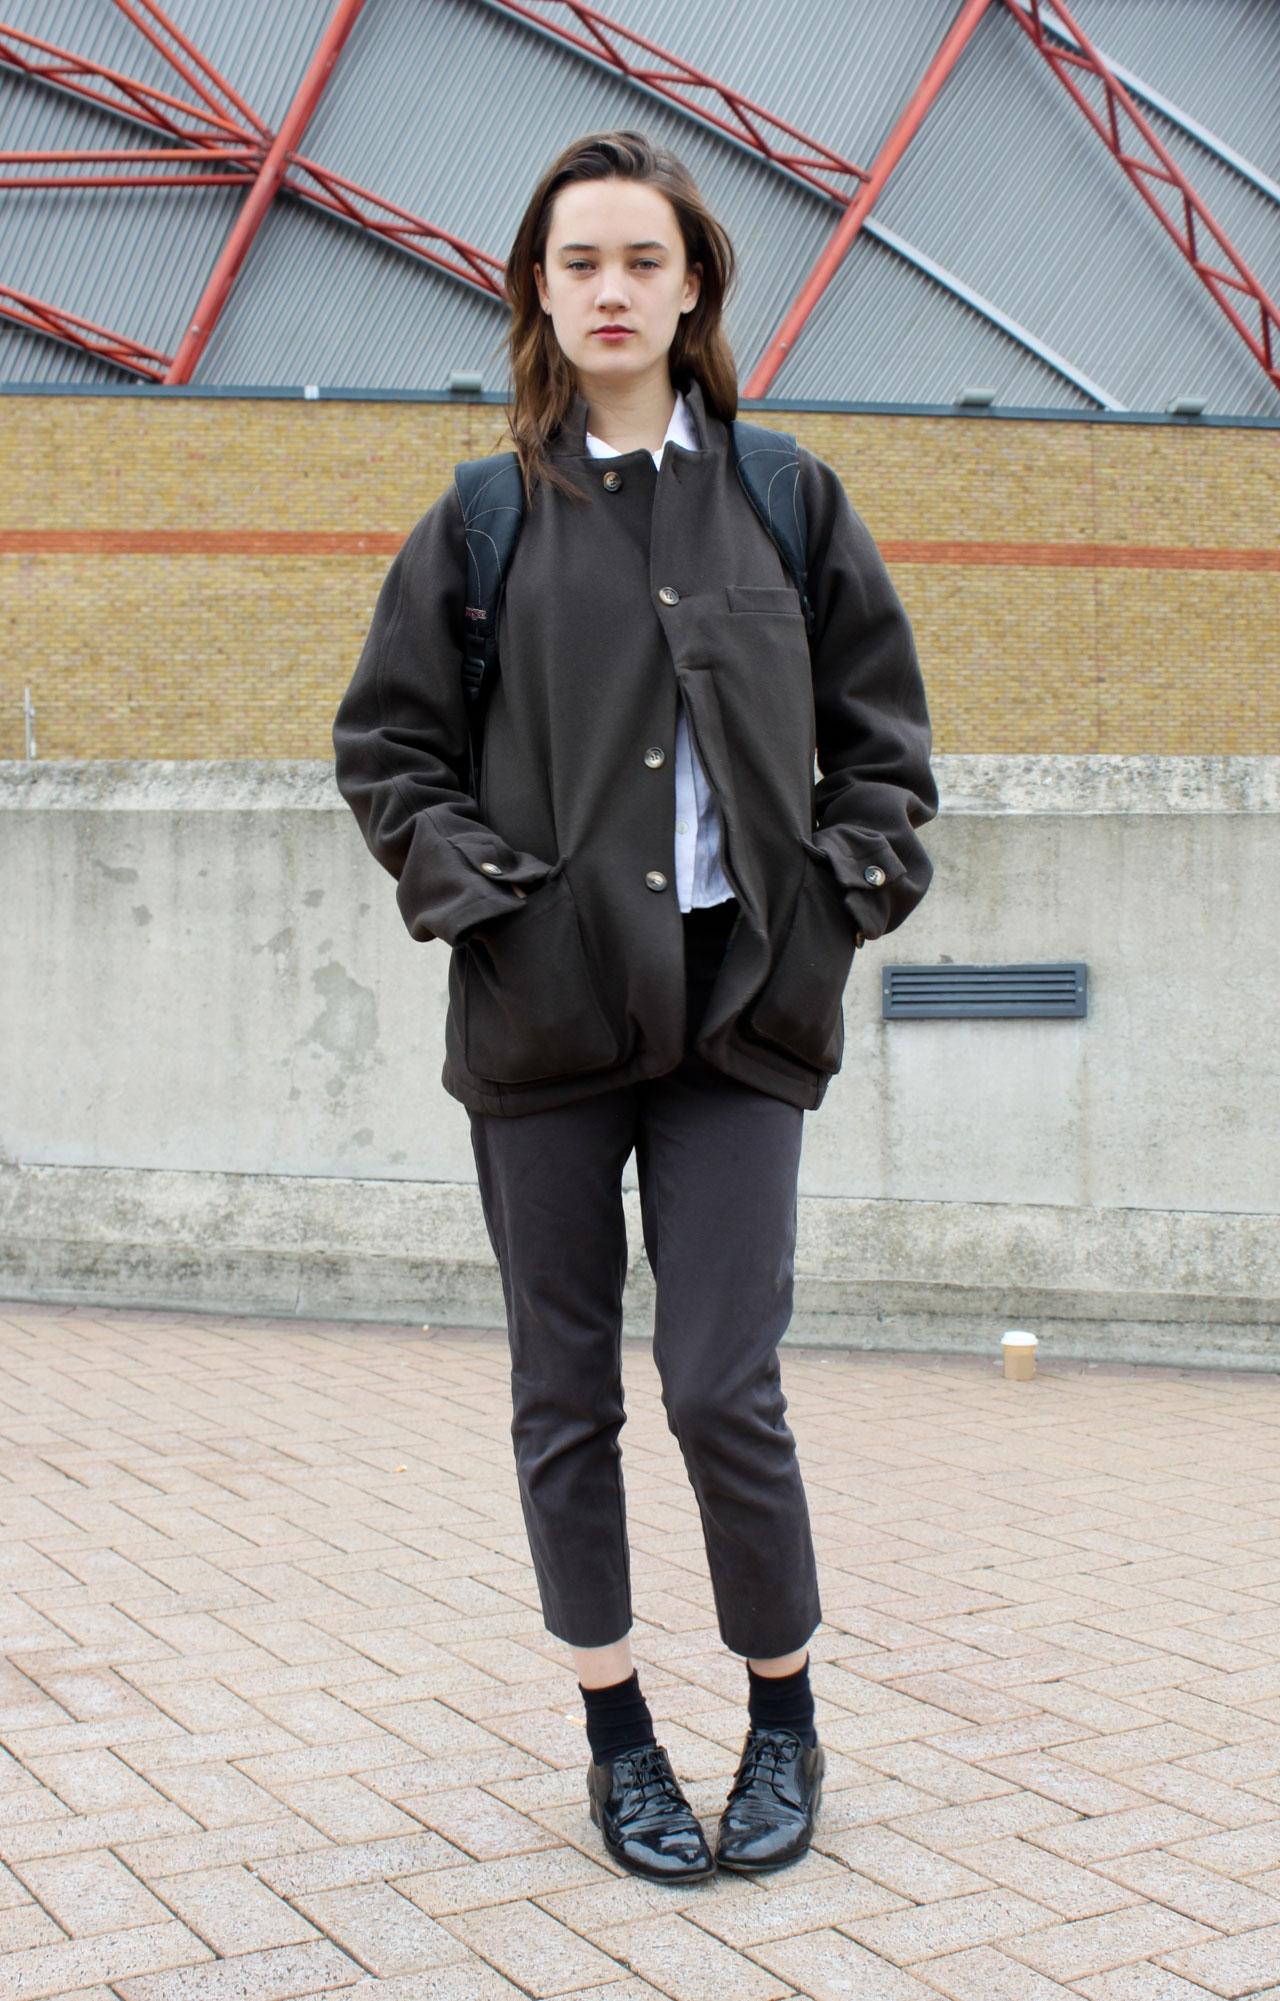 Áo khoác cũng là một sự kết hợp không tồi trong phong cách tomboy. Áo khoác da tinh tế, áo khoác jean bụi bặm, … tha hồ cho bạn lựa chọn.